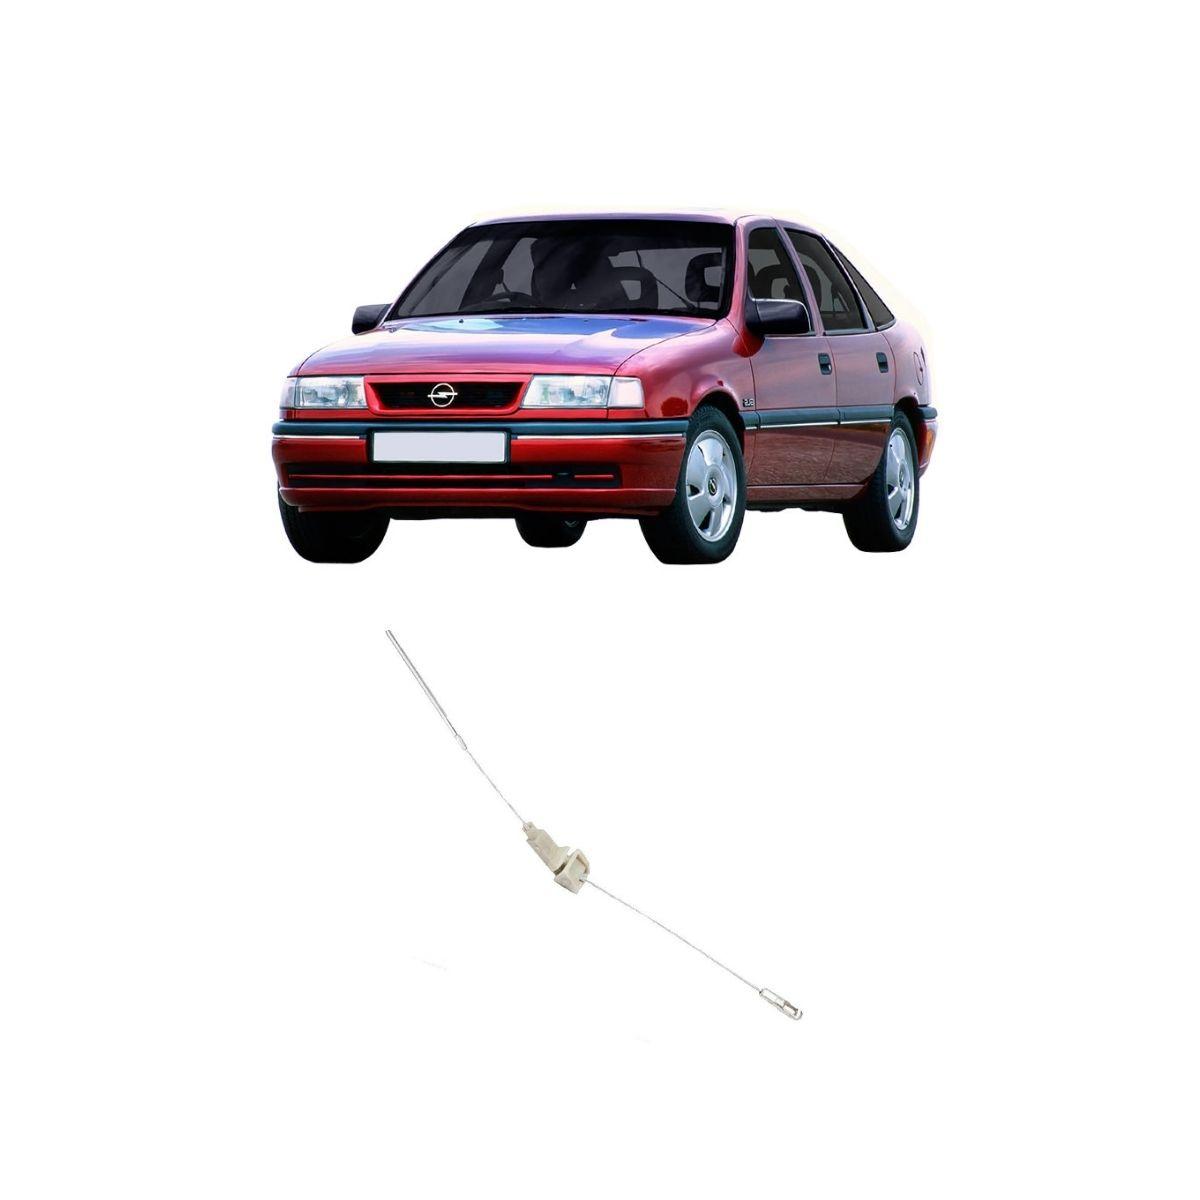 Cabo Freio Traseiro Esquerdo Chevrolet Vectra 93/96 635mm